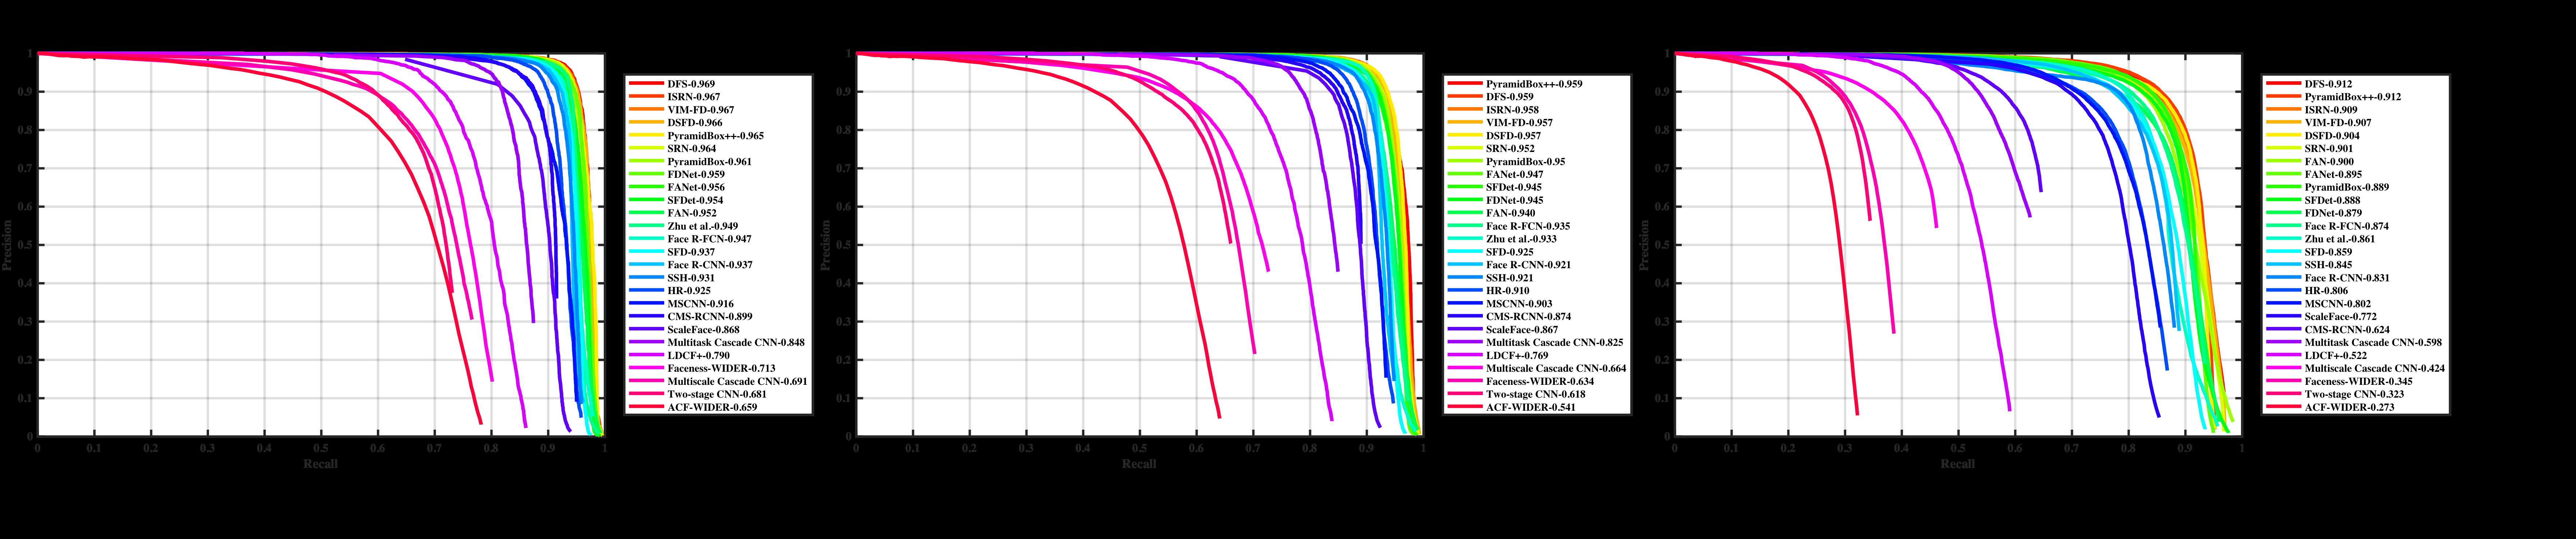 滴滴提出人脸检测DFS算法 在WIDER FACE评测中获得世界第一